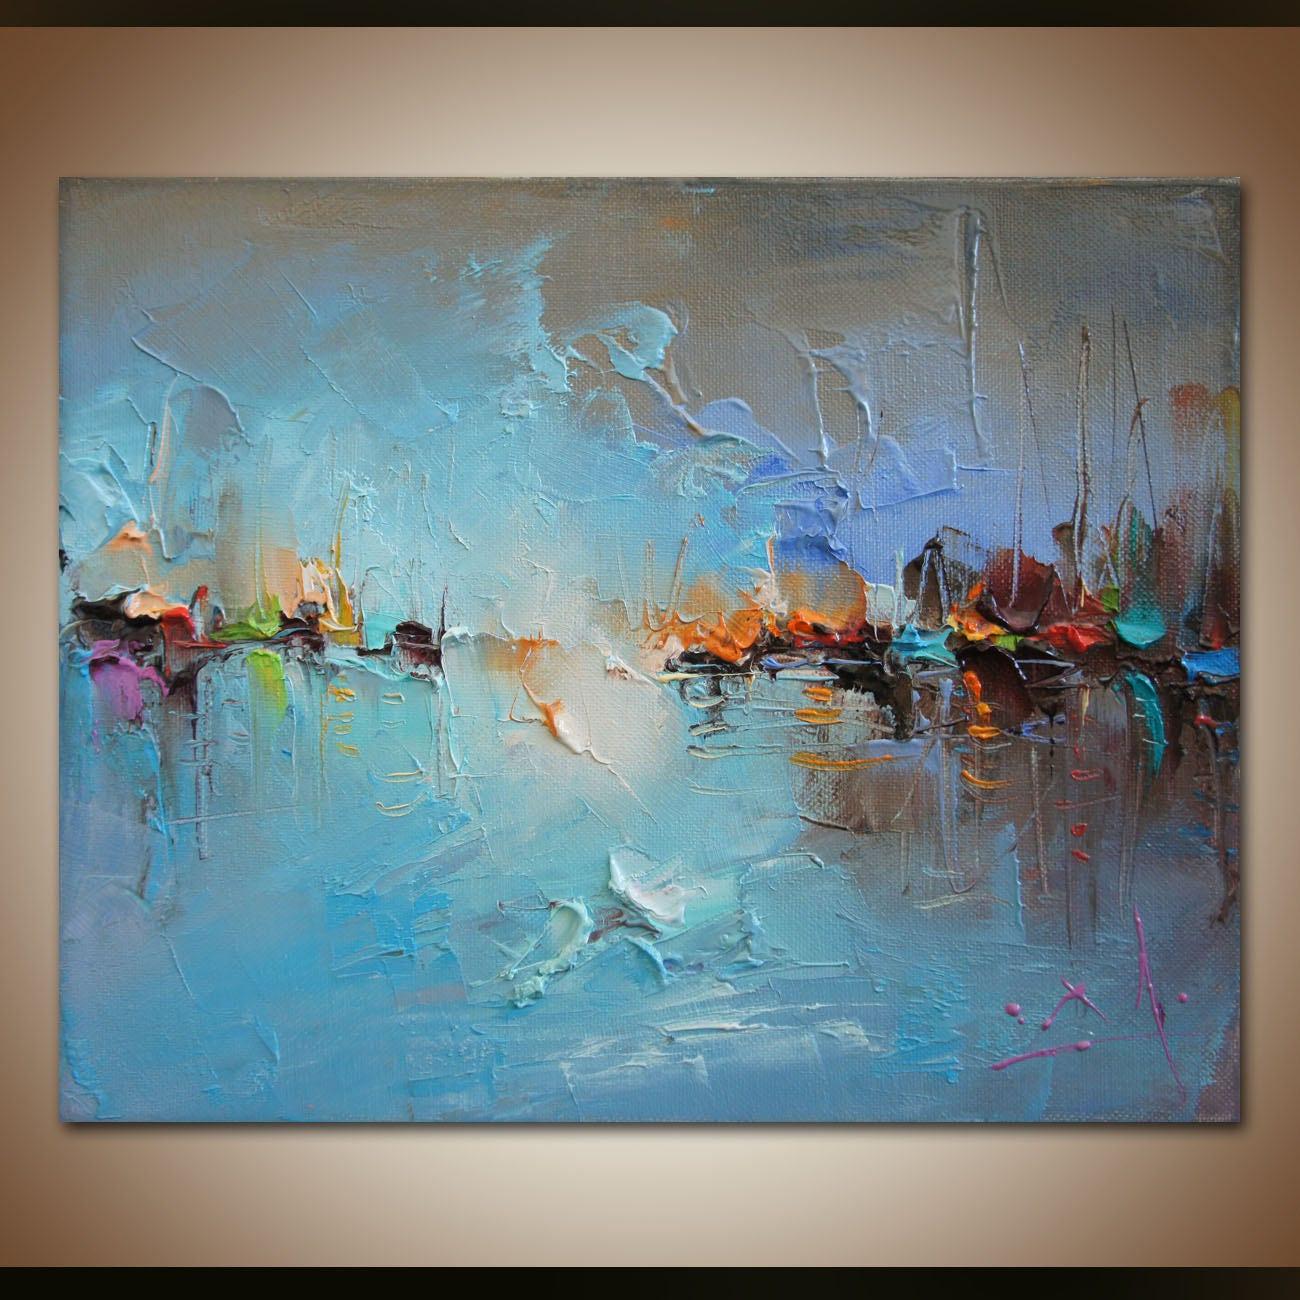 Abstrakte Malerei zeitgenössische Malerei abstrakte Kunst | Etsy